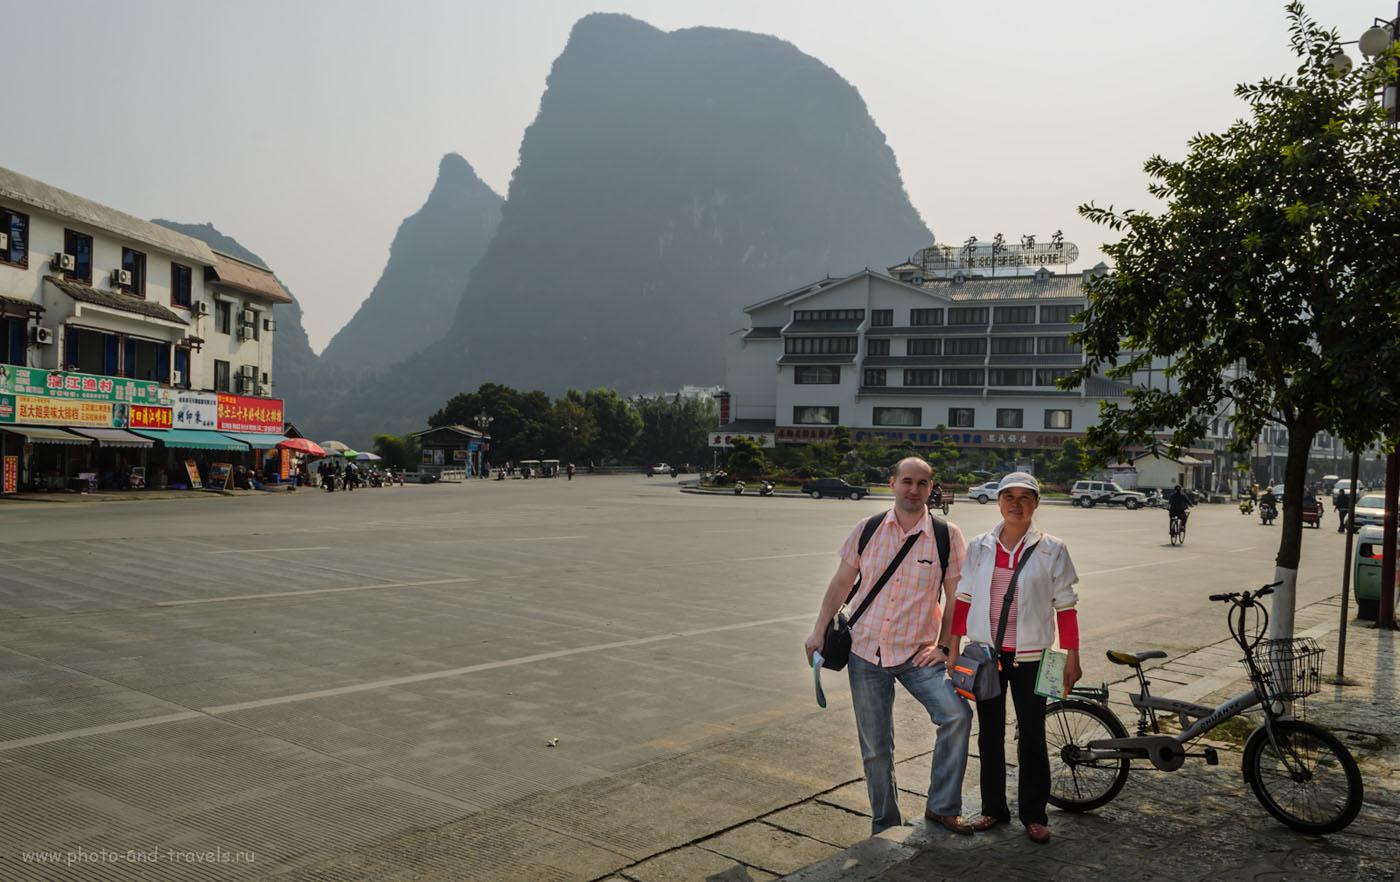 Фотография 3. Экскурсия в деревню Яншо в Китае. Наш туристический агент, отправил в деревню Синьпин (Xingping, 兴坪) на деревенском автобусе. 1/200, 11.0, 100, 18.